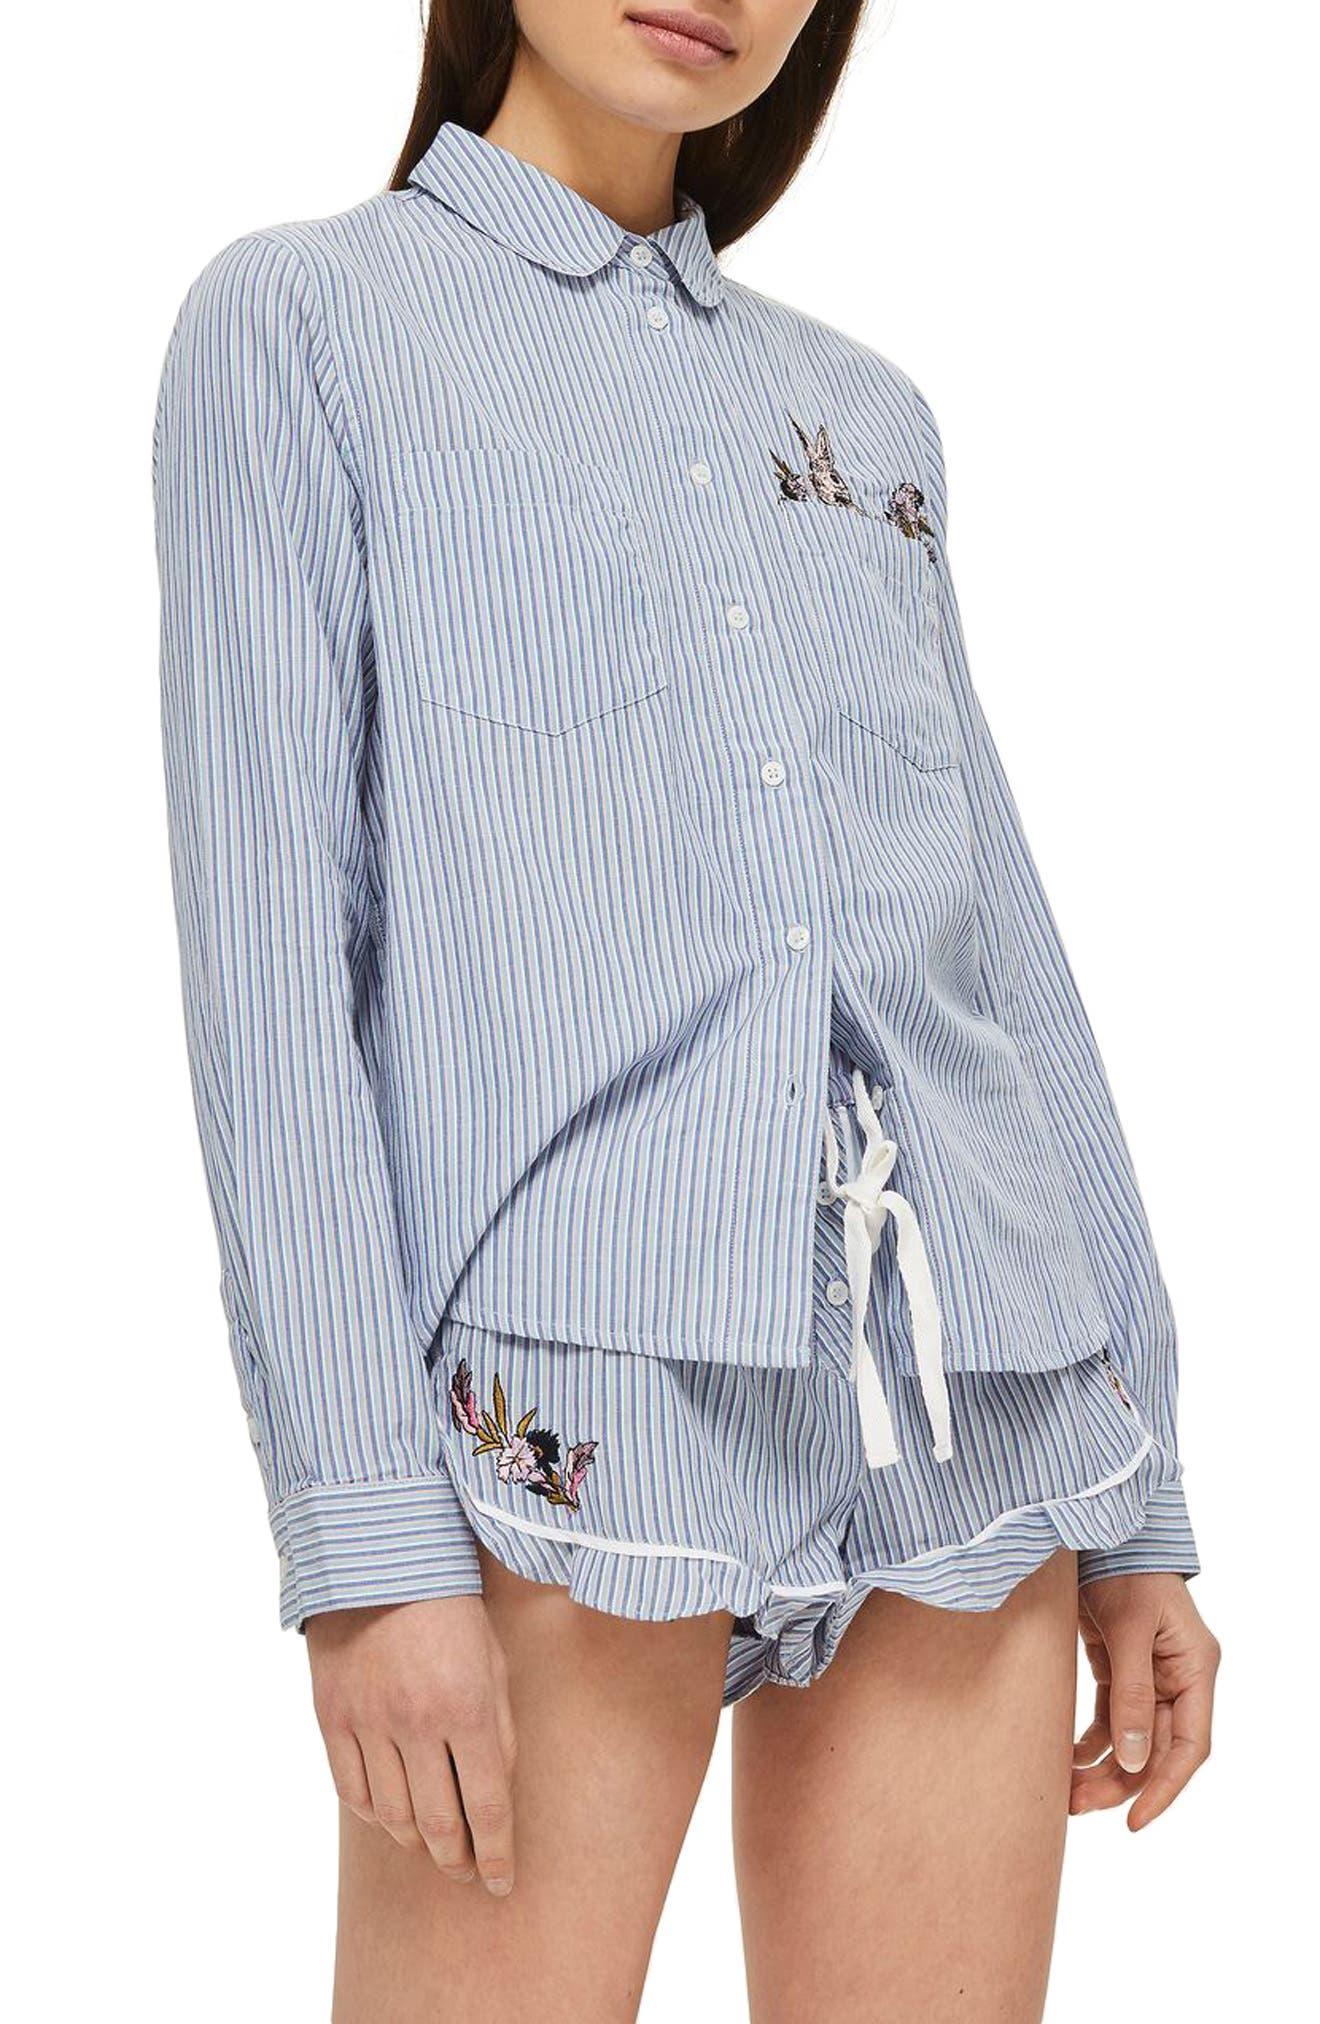 Bunny Embroidered Short Pajamas,                             Main thumbnail 1, color,                             650